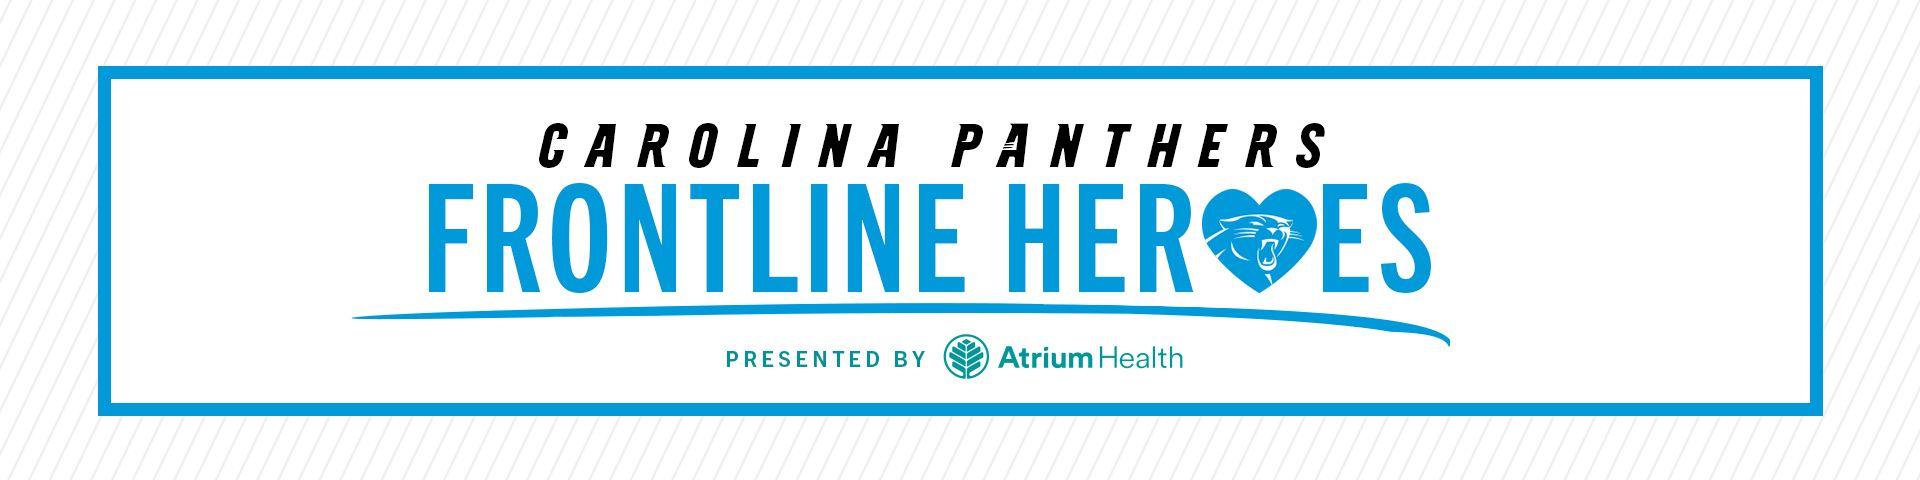 Atrium Health Frontline Heroes Program